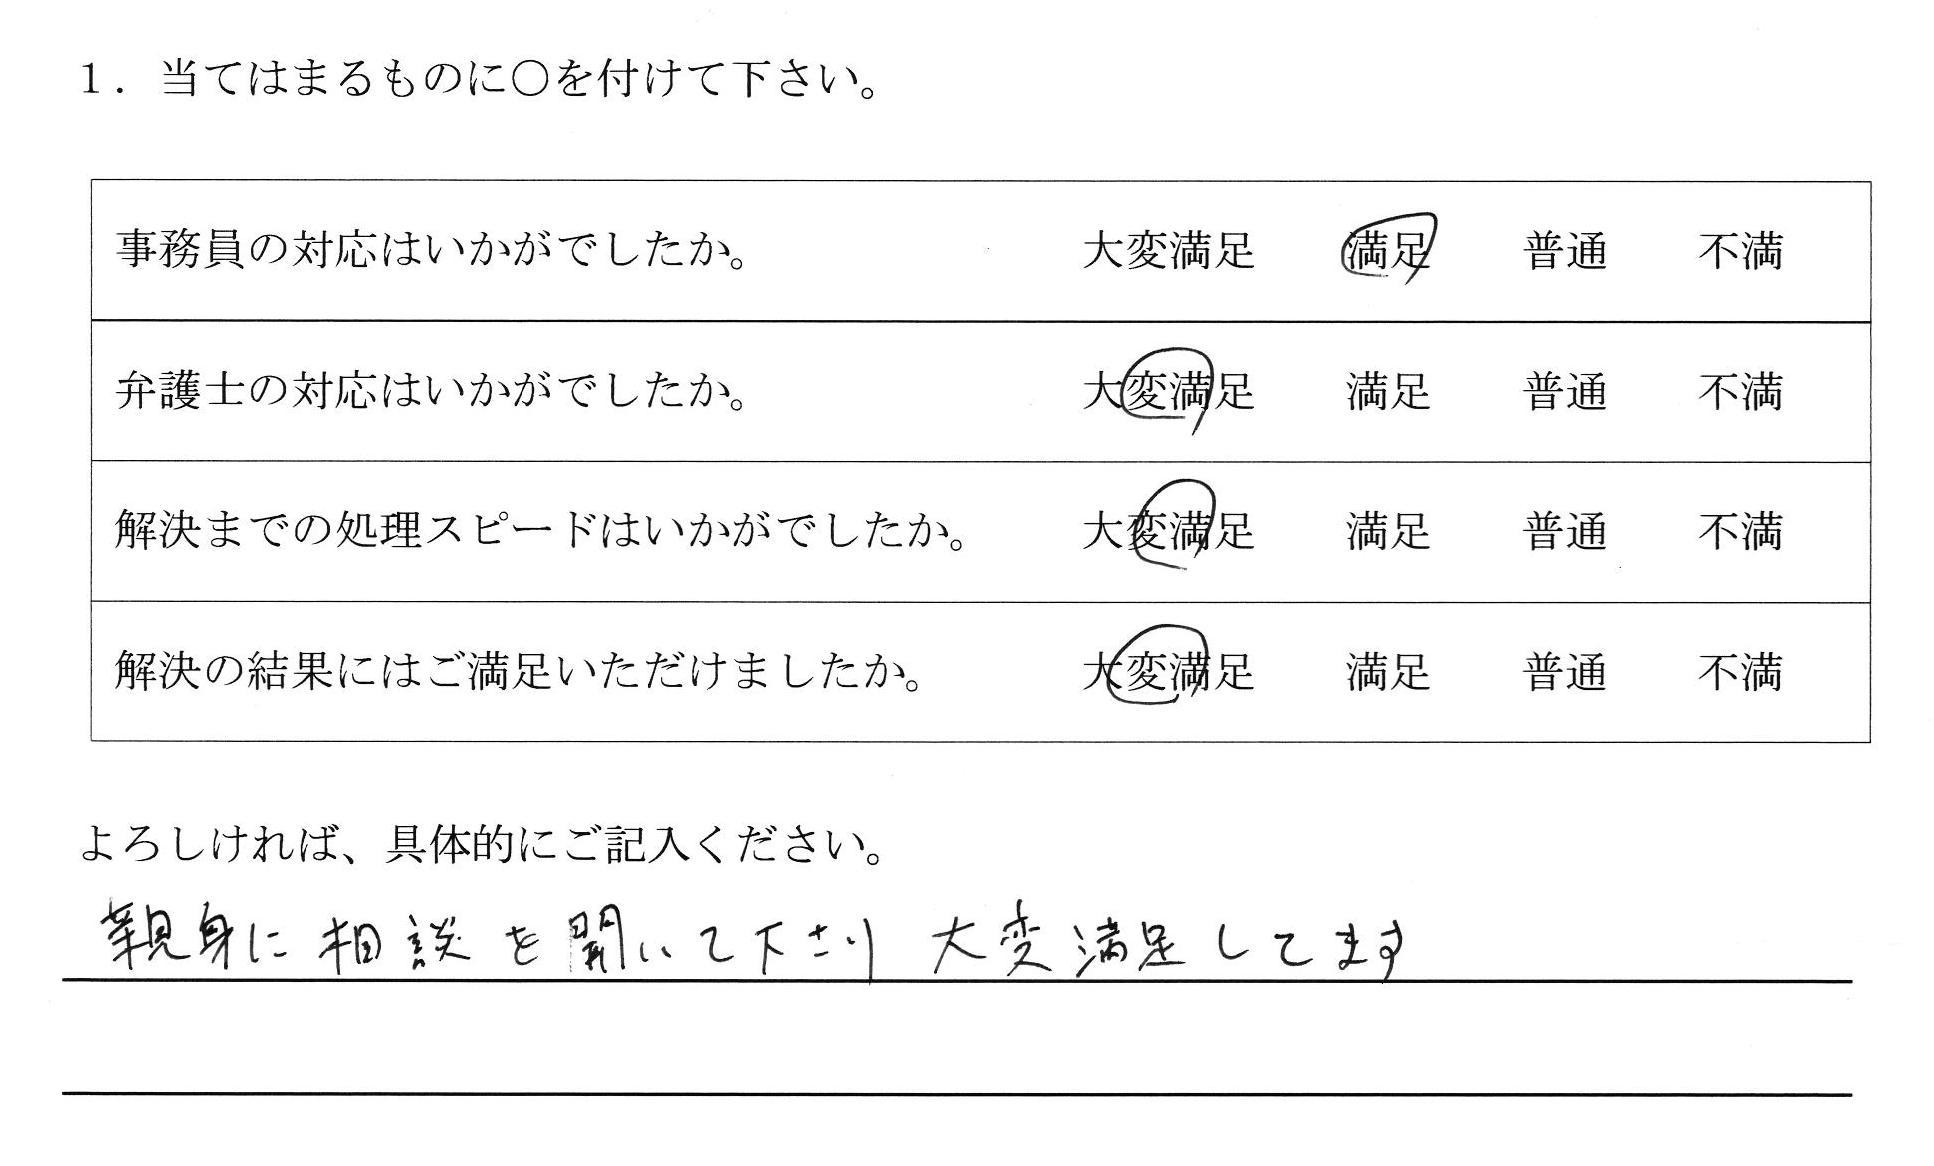 名古屋市30代男性(債務整理)の依頼者様の声 : 親身に相談を聞いて下さり大変満足してます